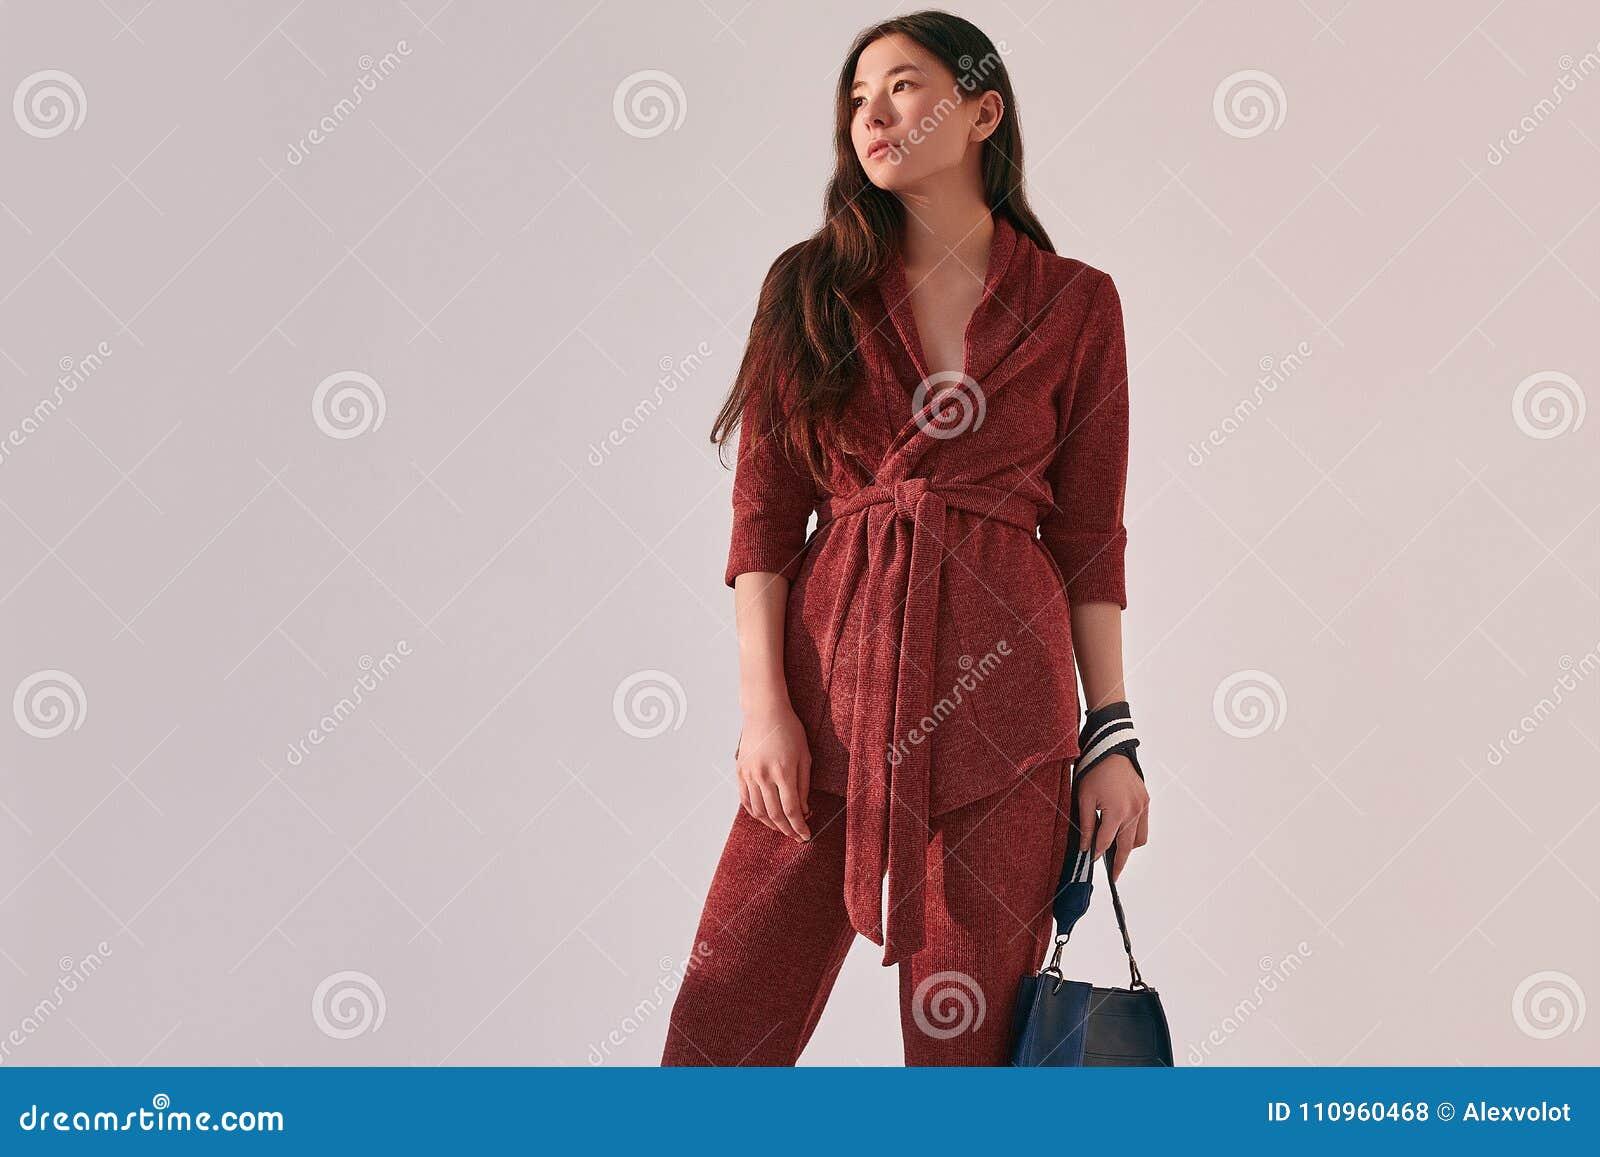 Mujer asiática elegante en traje rojo de moda